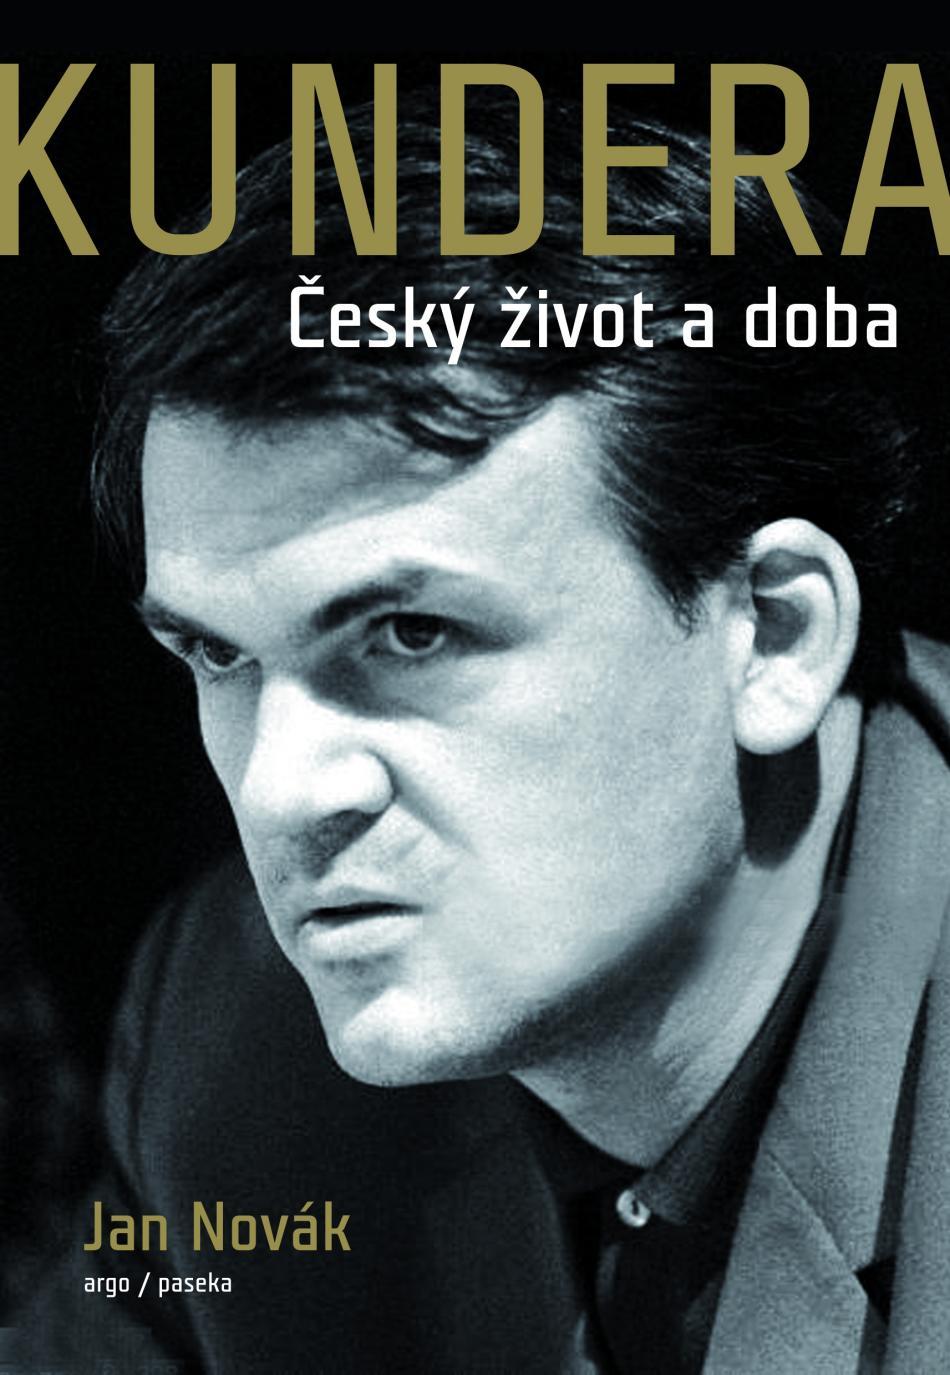 Kundera – Český život a doba